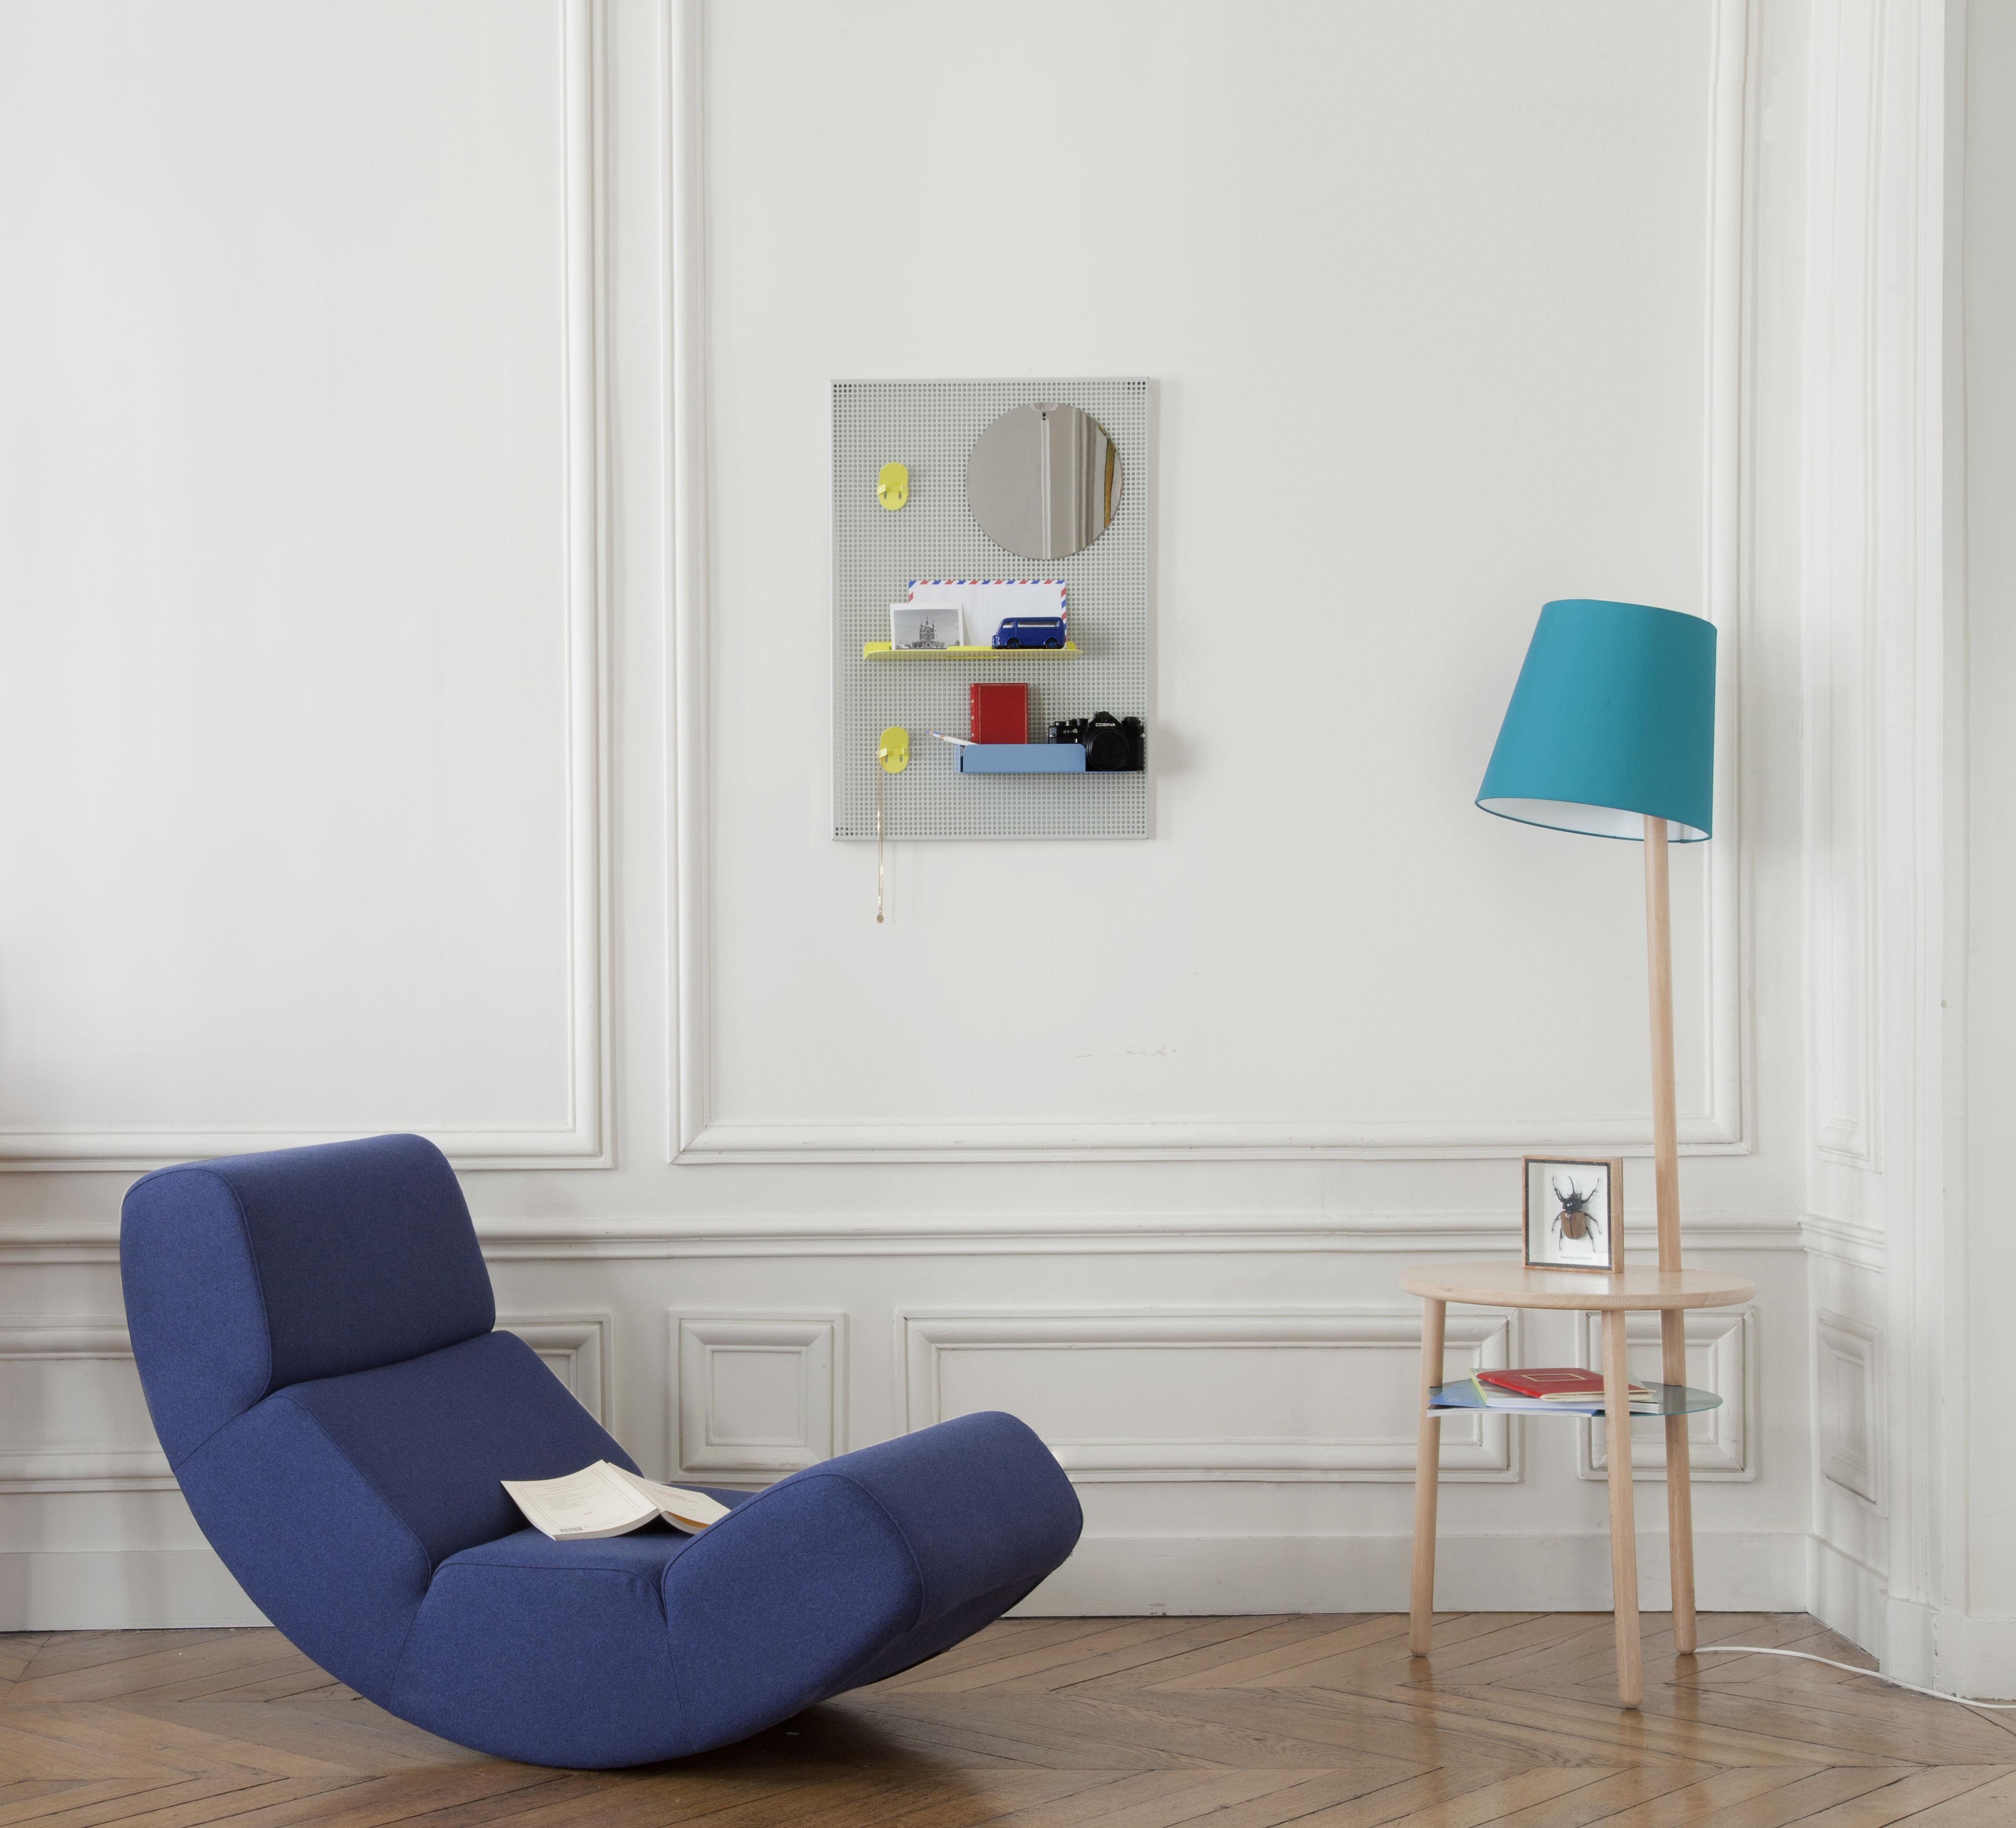 Alfred portaoggetti da parete 65 x 45 cm grigio scuro - Portaoggetti da parete ...